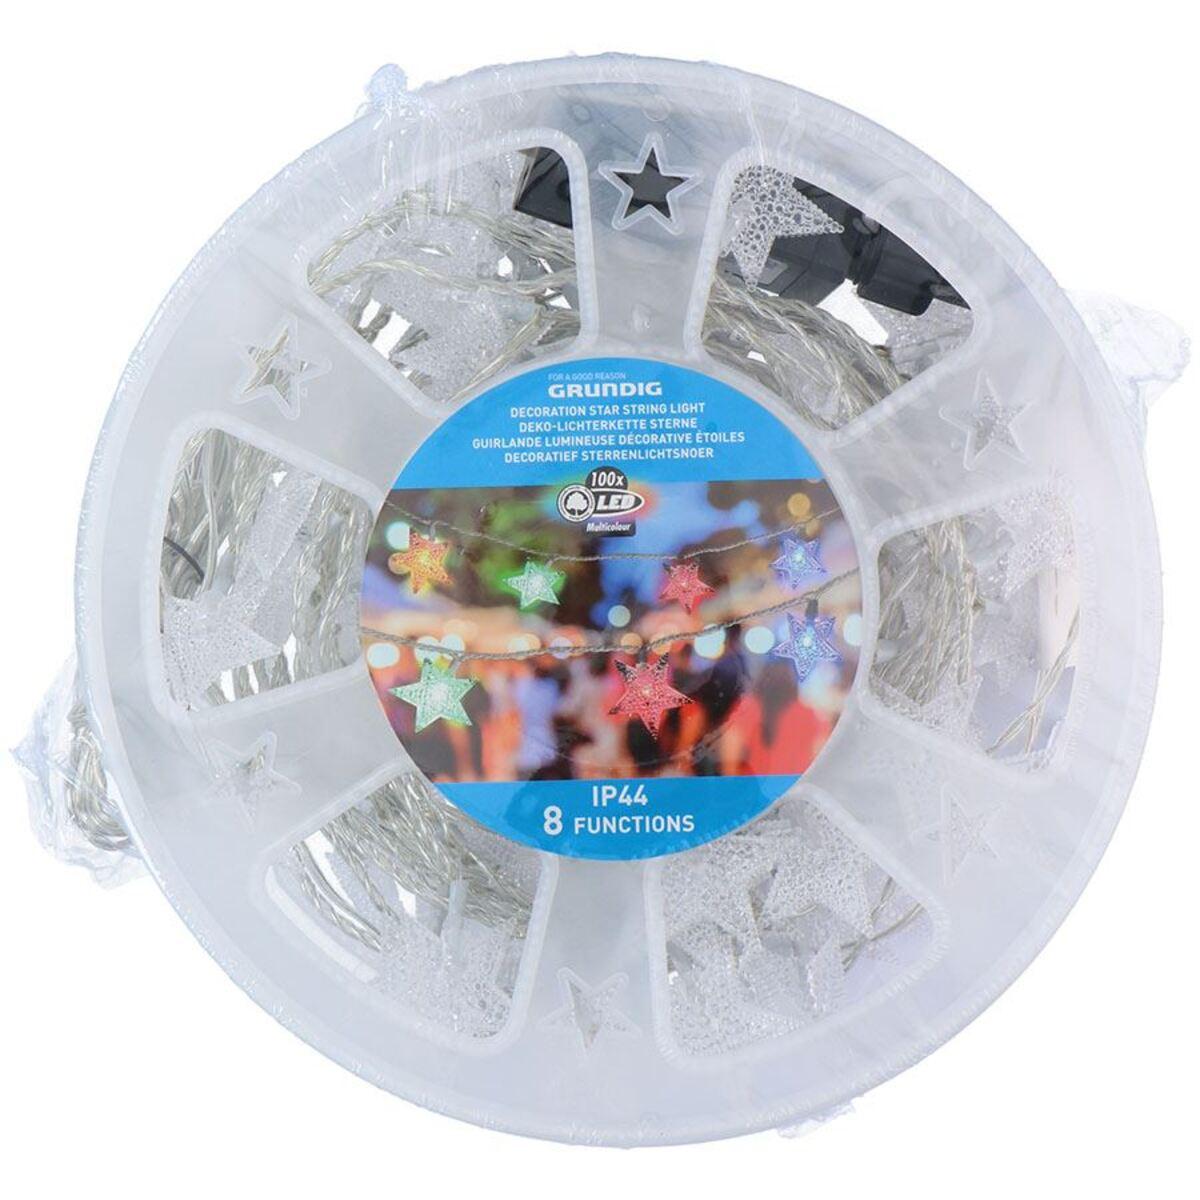 Bild 2 von Grundig Deko-Lichterkette Sterne 13,9m 100 LEDs Bunt